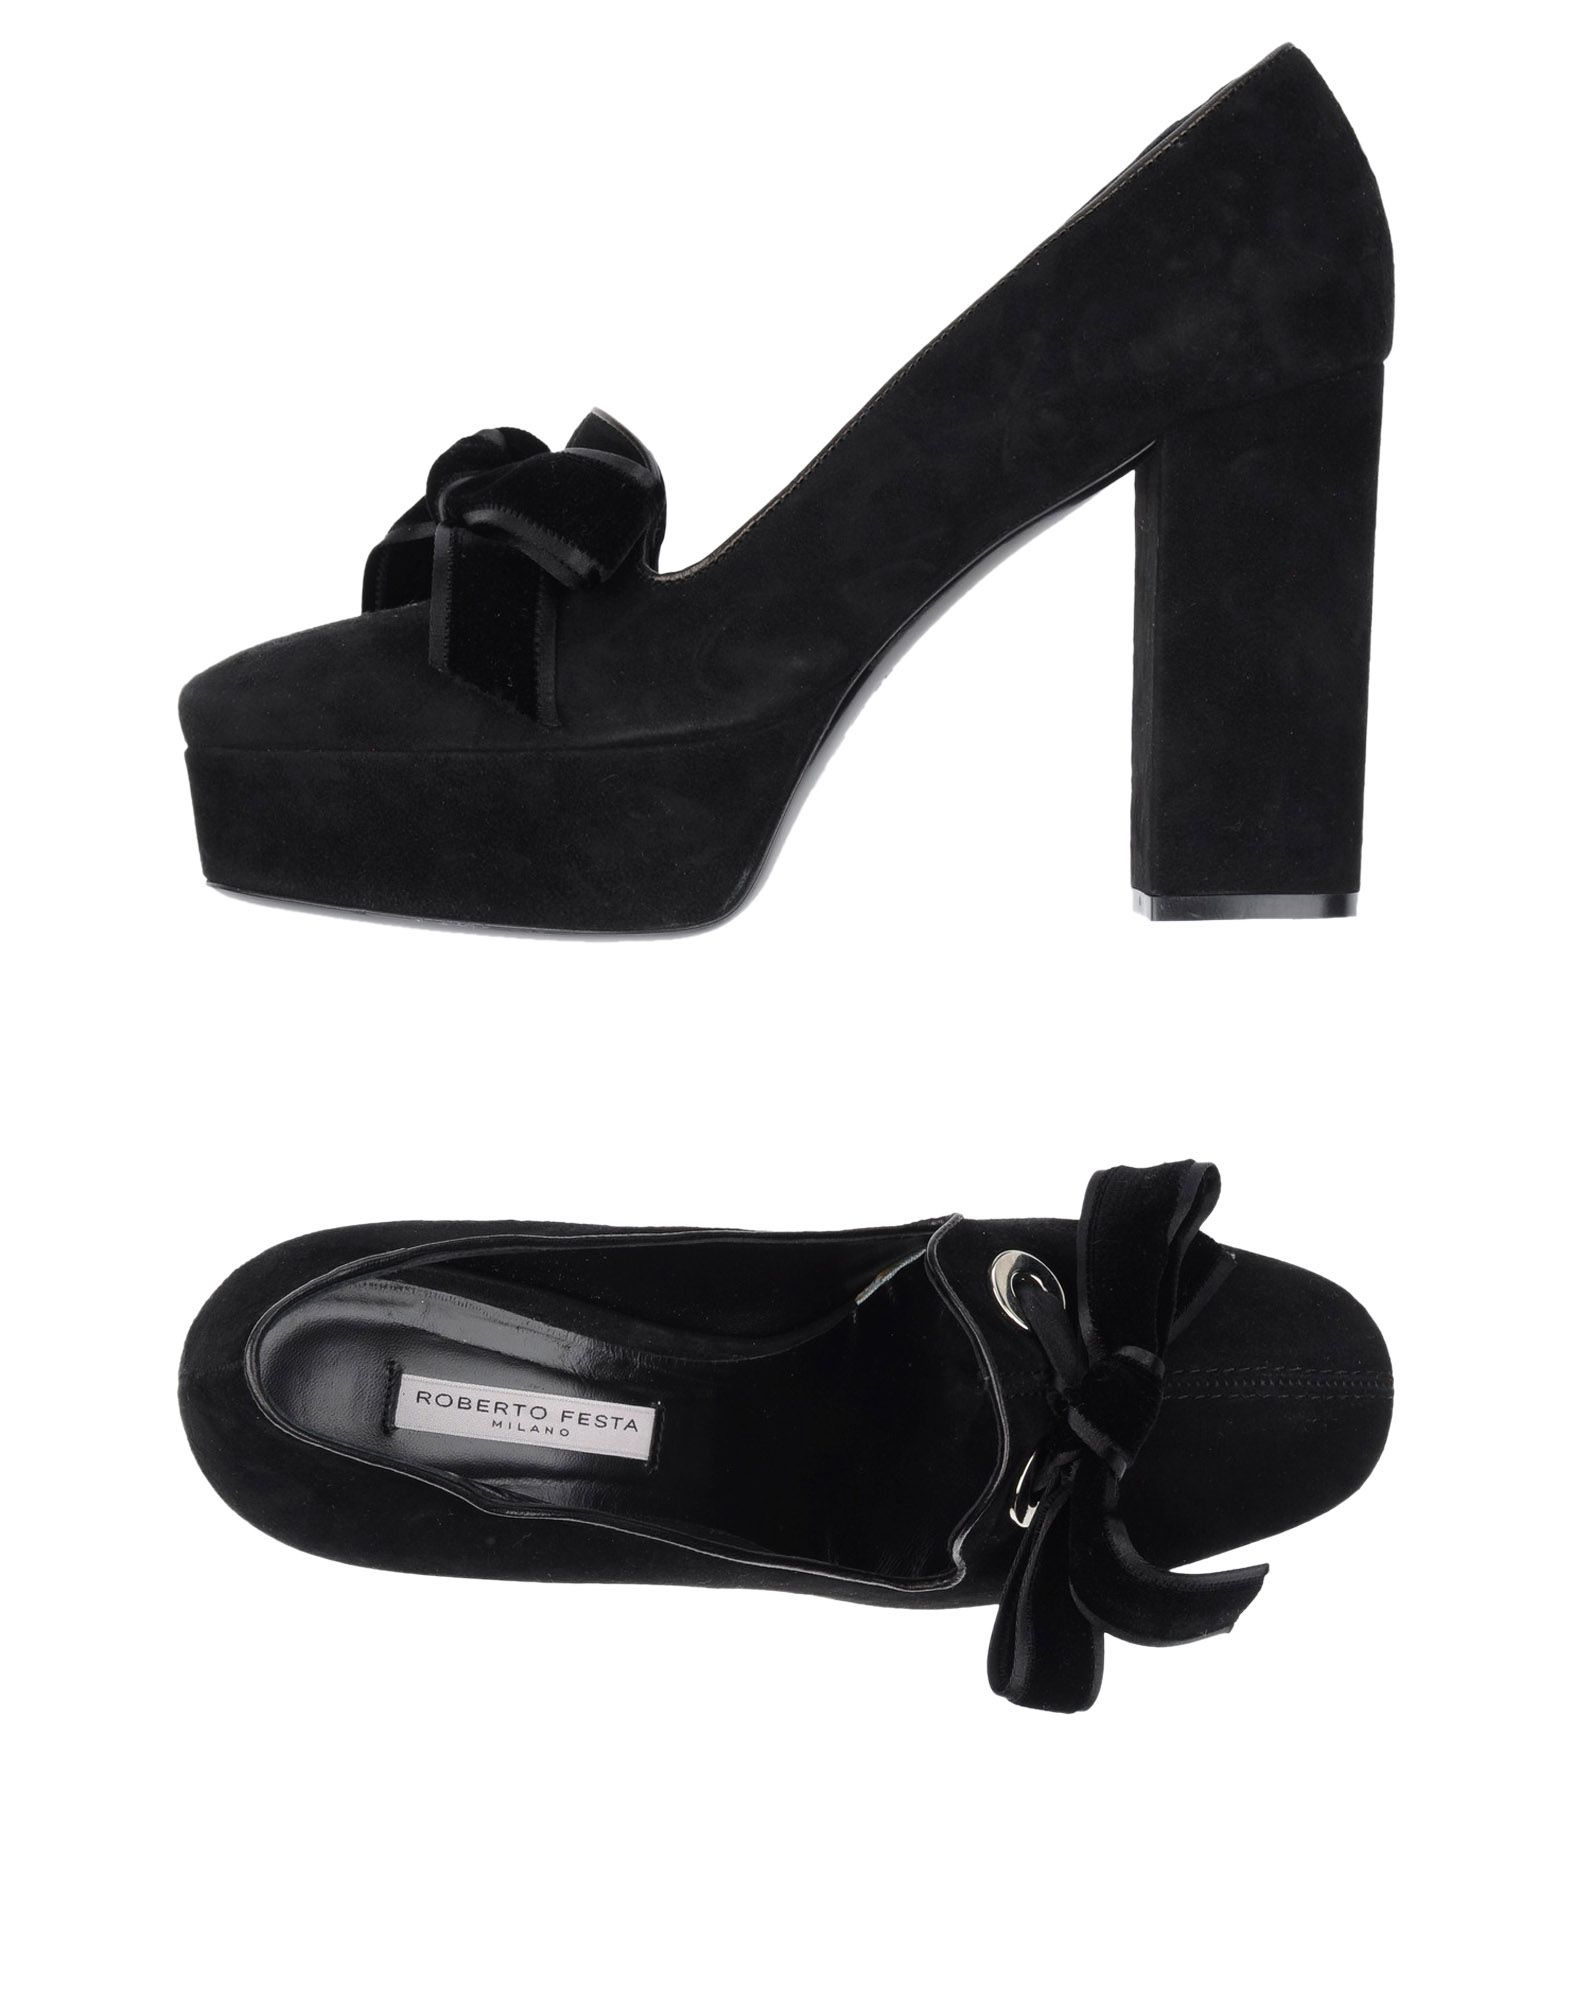 Roberto Festa Mokassins Damen  11274200MG Gute Qualität beliebte Schuhe